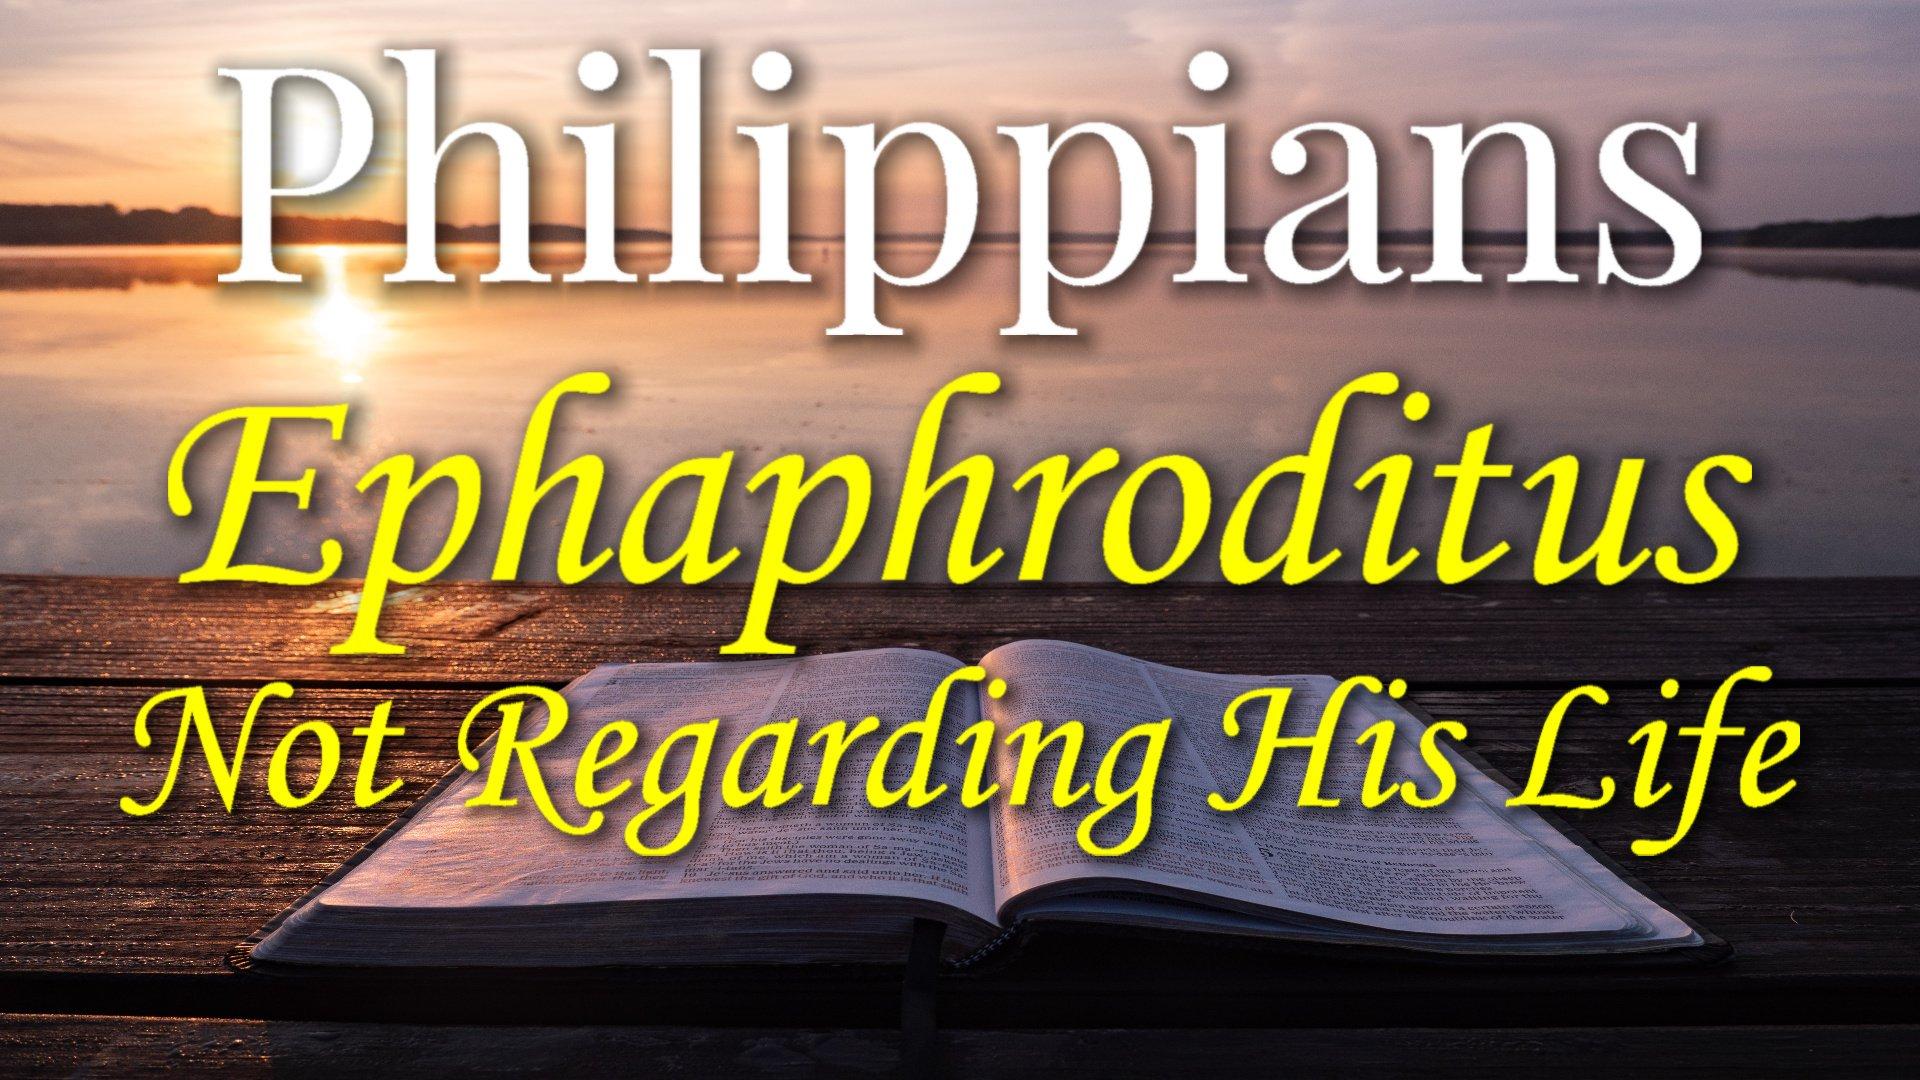 10 Epaphroditus Not Regarding His Life